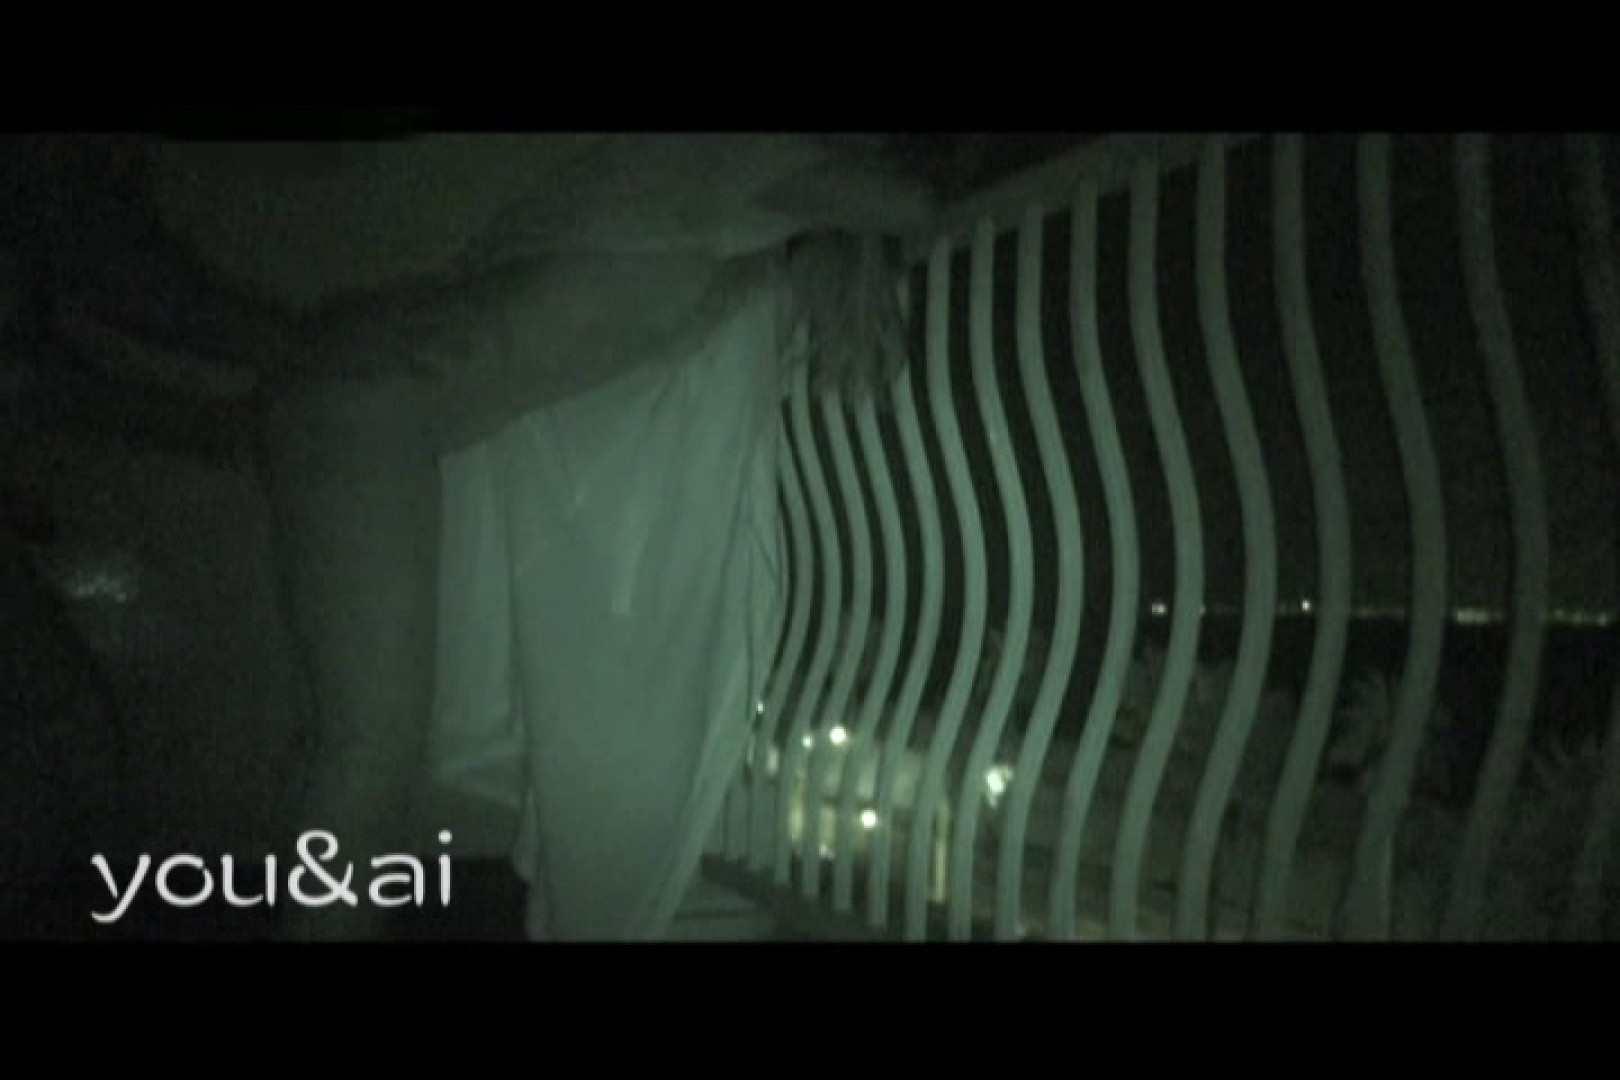 おしどり夫婦のyou&aiさん投稿作品vol.12 ホテル オマンコ動画キャプチャ 104PIX 77